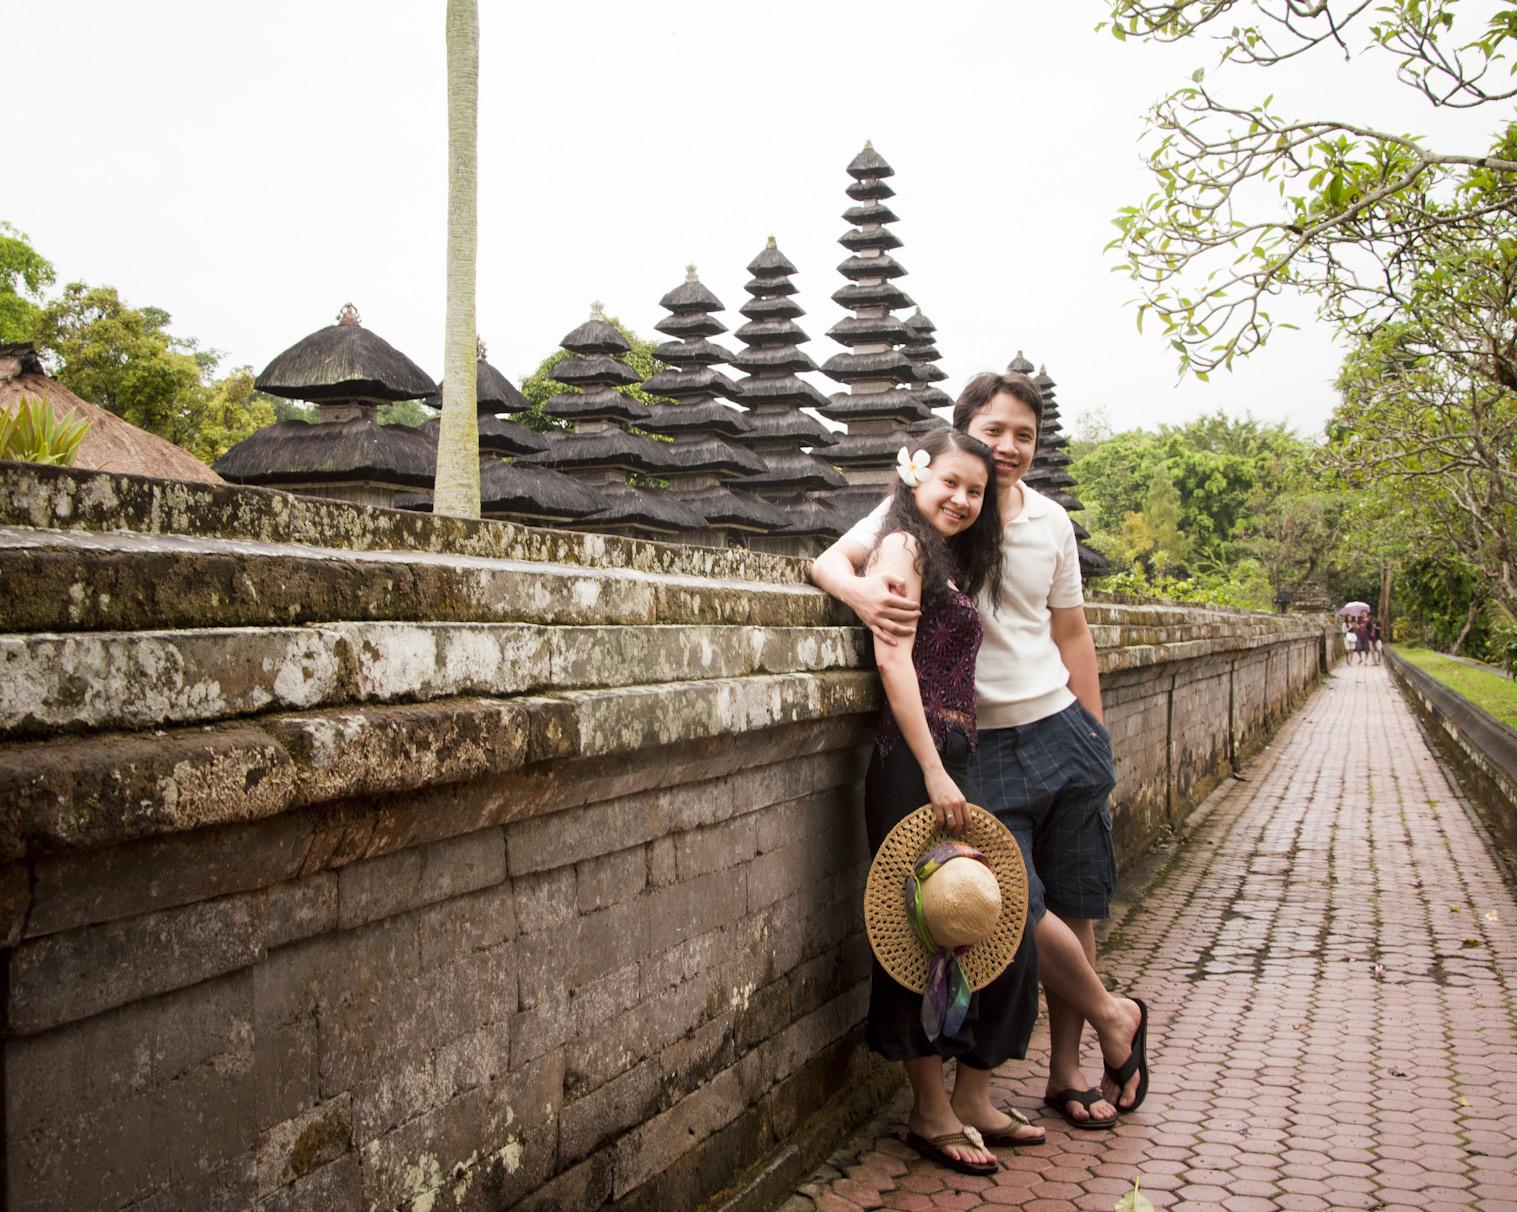 Bali Nov '11 no.198